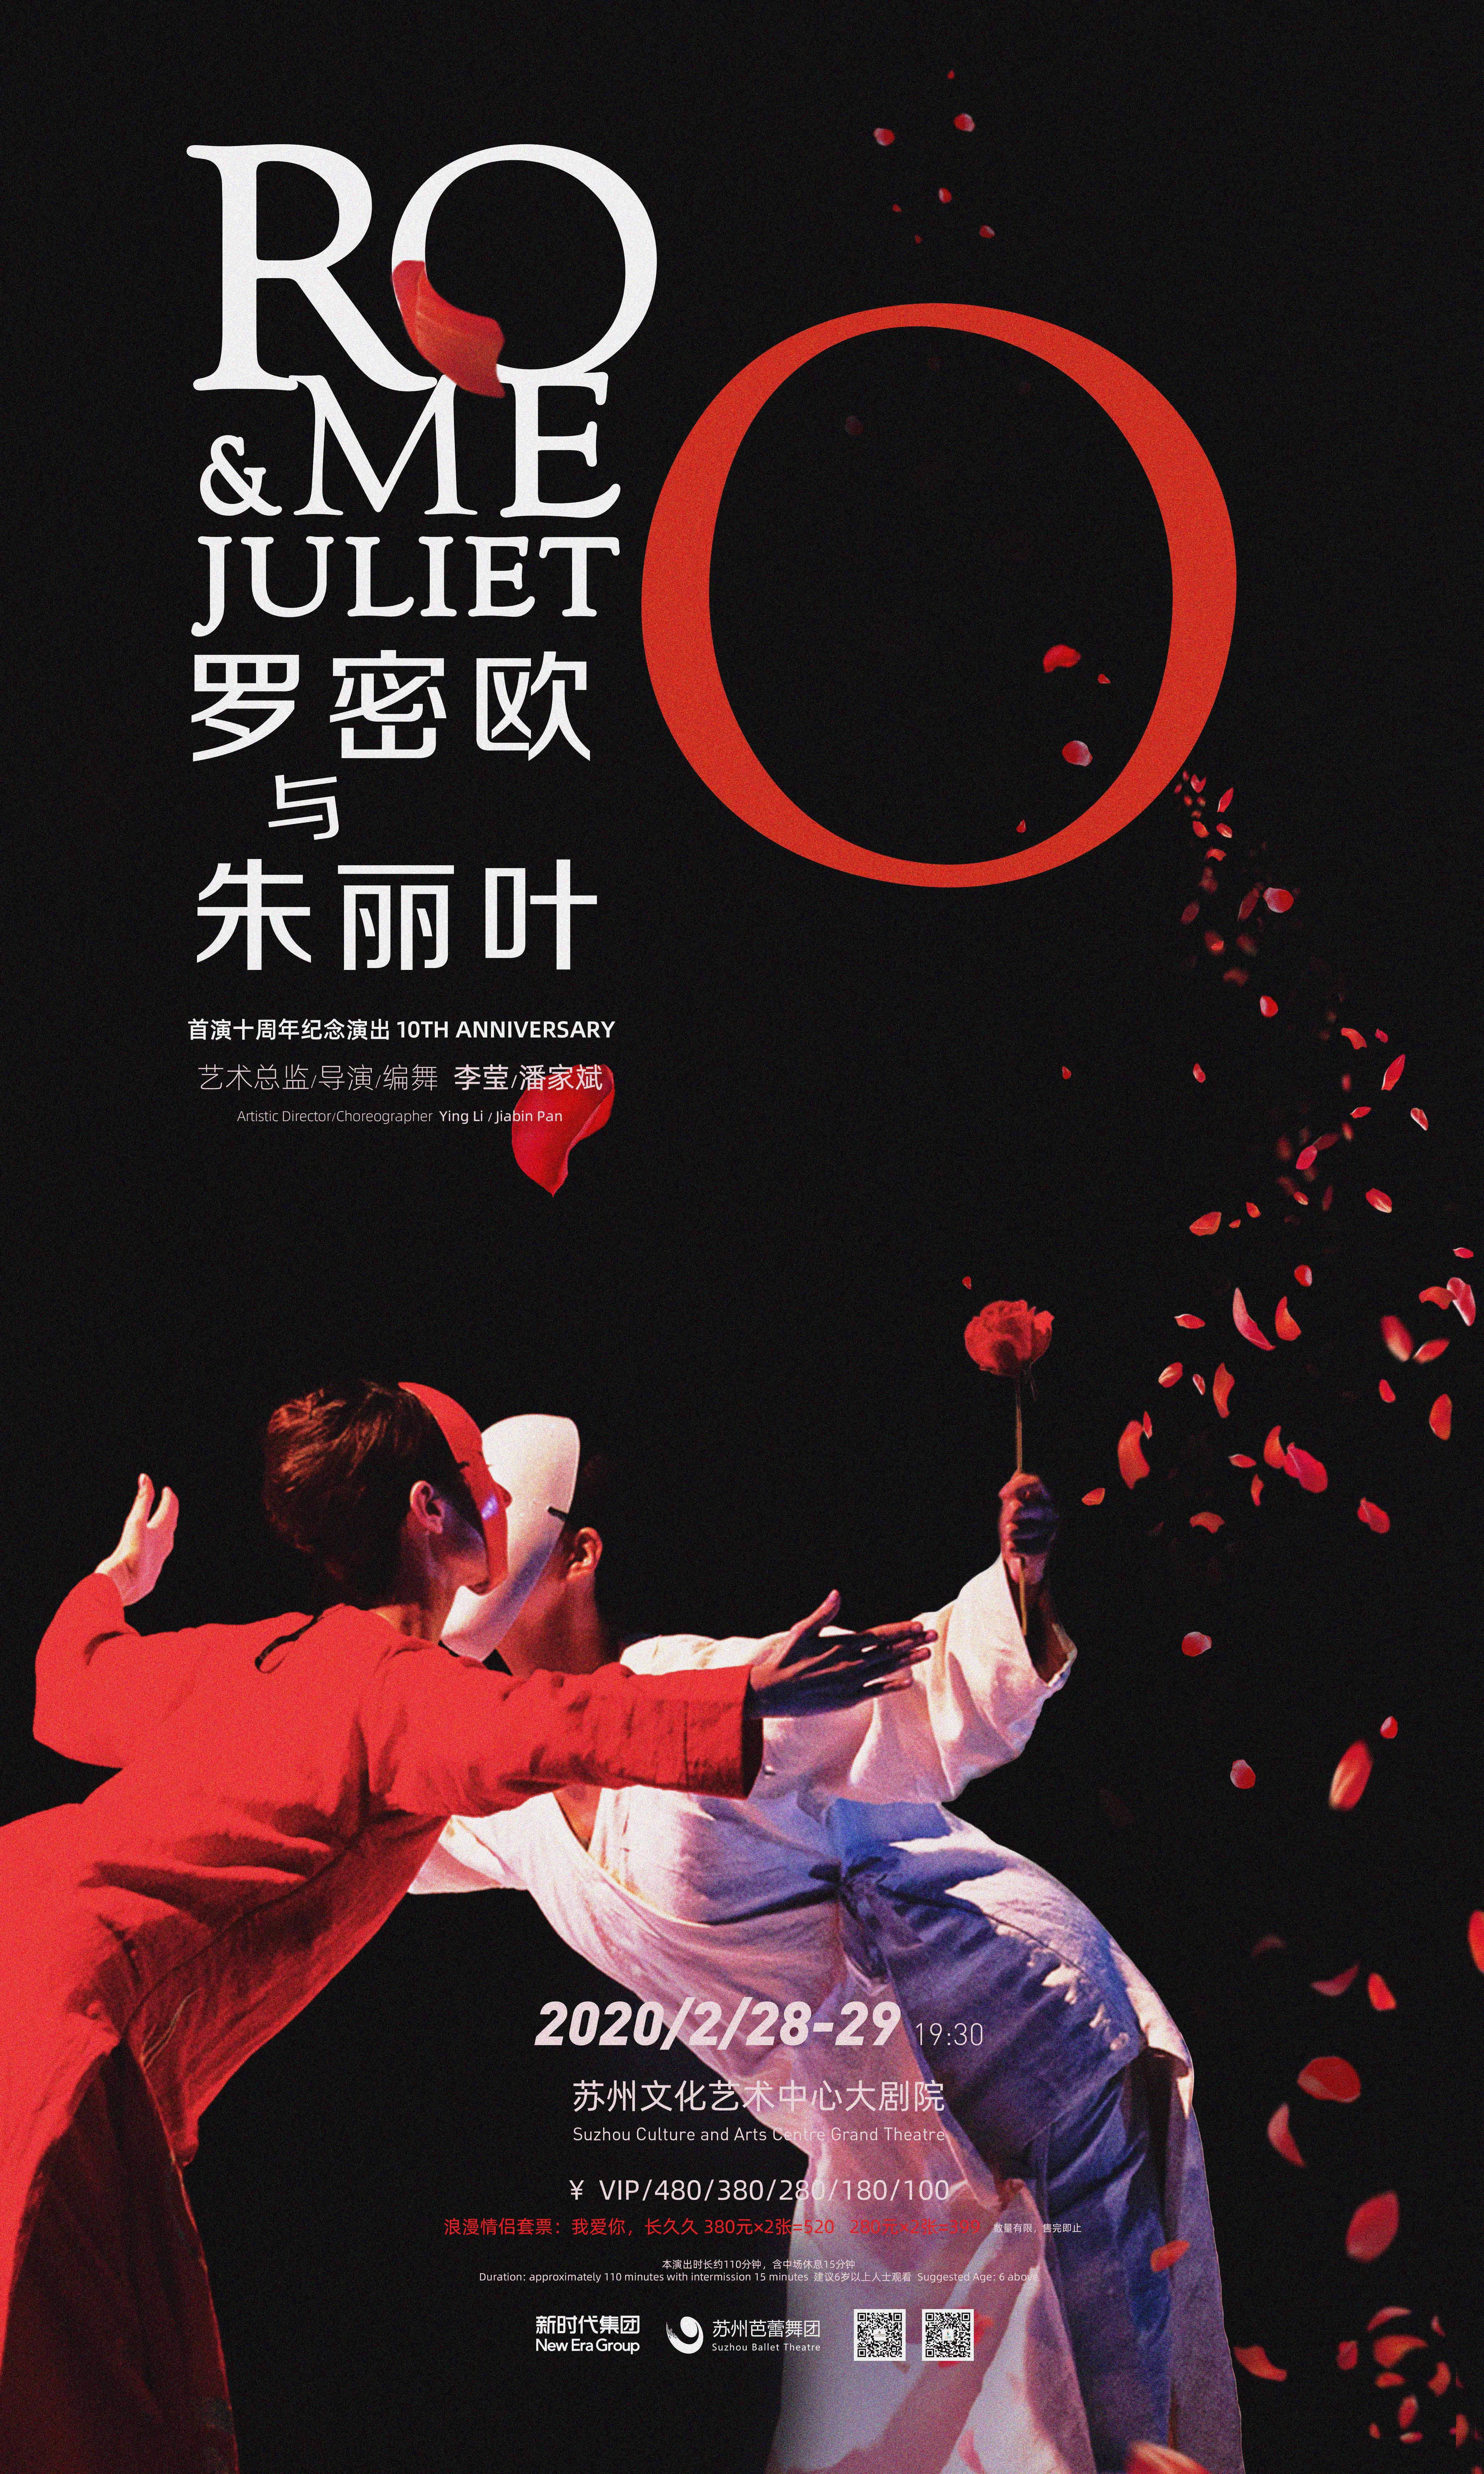 苏州芭蕾舞团中国版《罗密欧与朱丽叶》首演十周年纪念演出【延期】